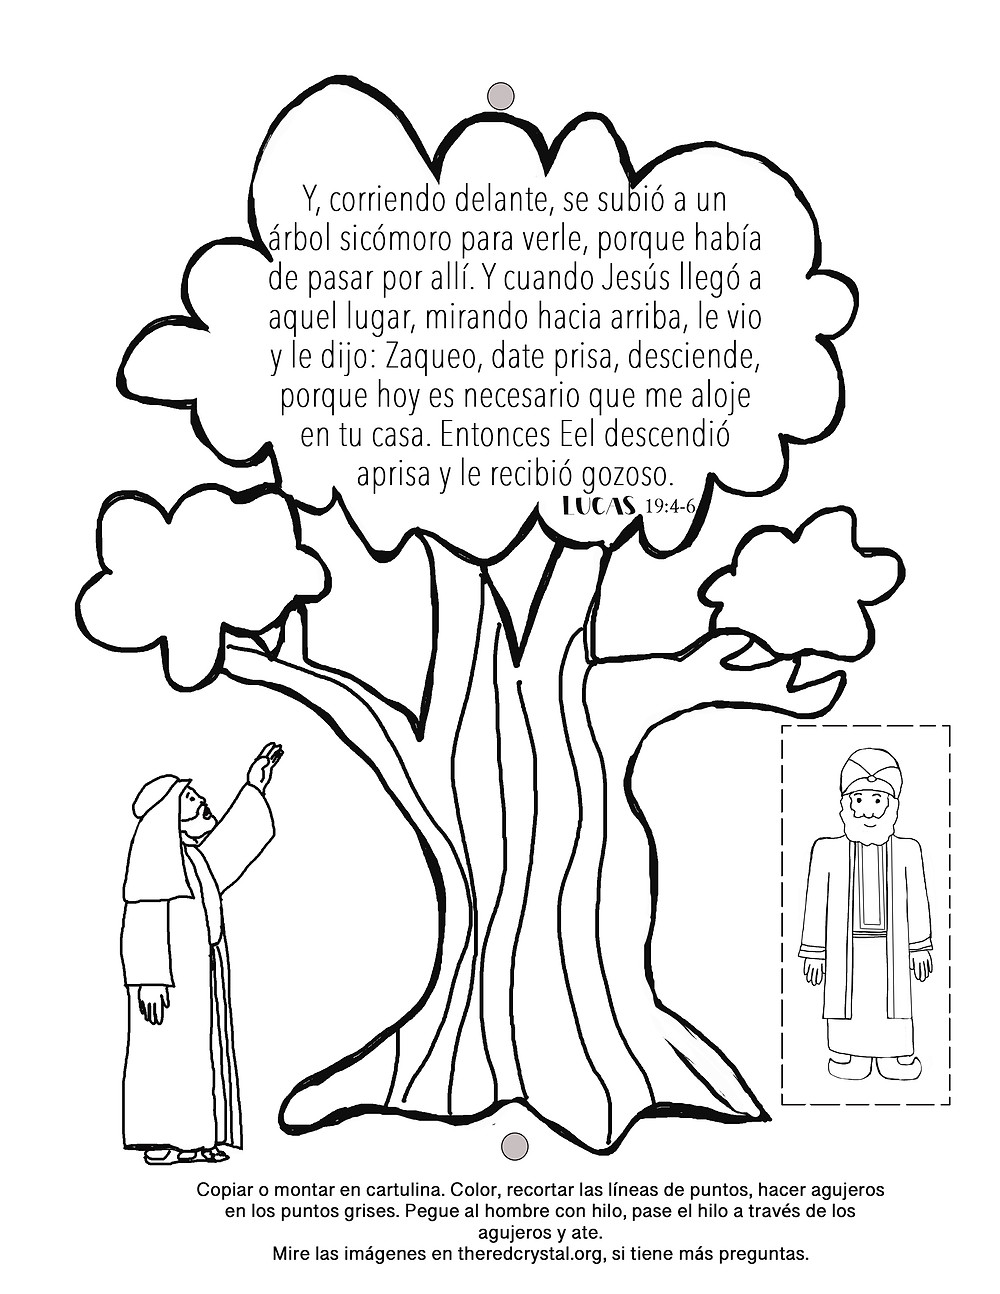 coloring : Zacchaeus Coloring Page Awesome Jesus Meets Zacchaeus ... | 1294x1000